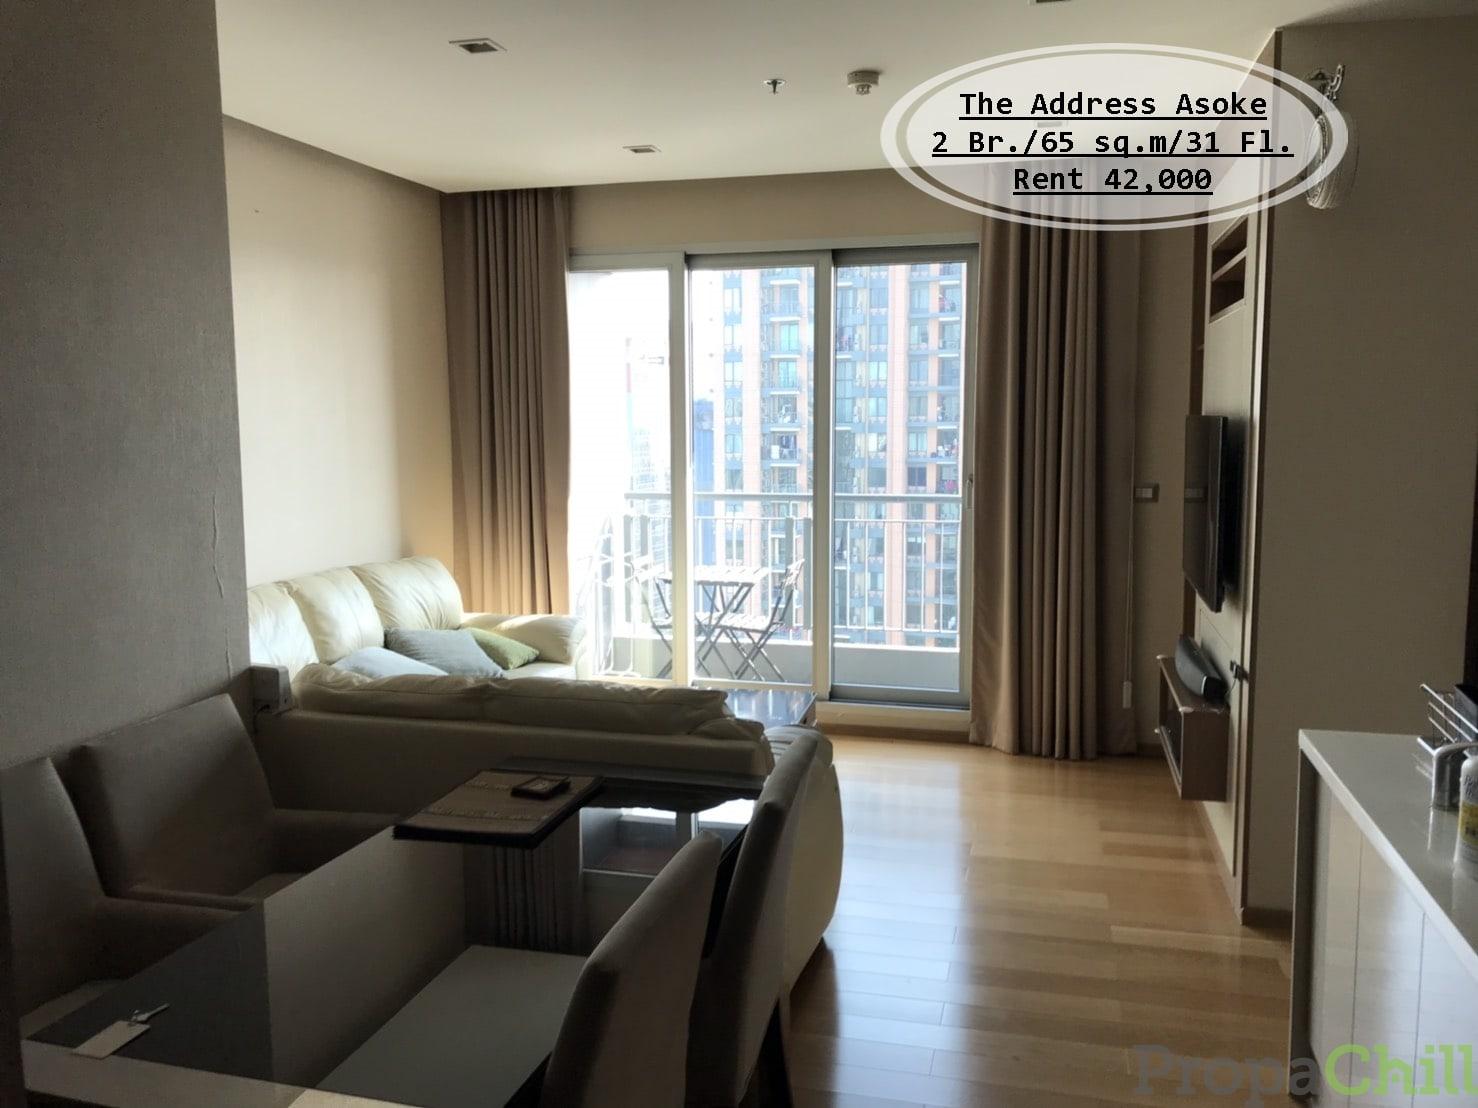 เช่า-The Address Asoke /2 นอน/ ชั้น 31/ 65 ตร.ม/ ใกล้ MRT เพชรบุรี /เช่า 42,000